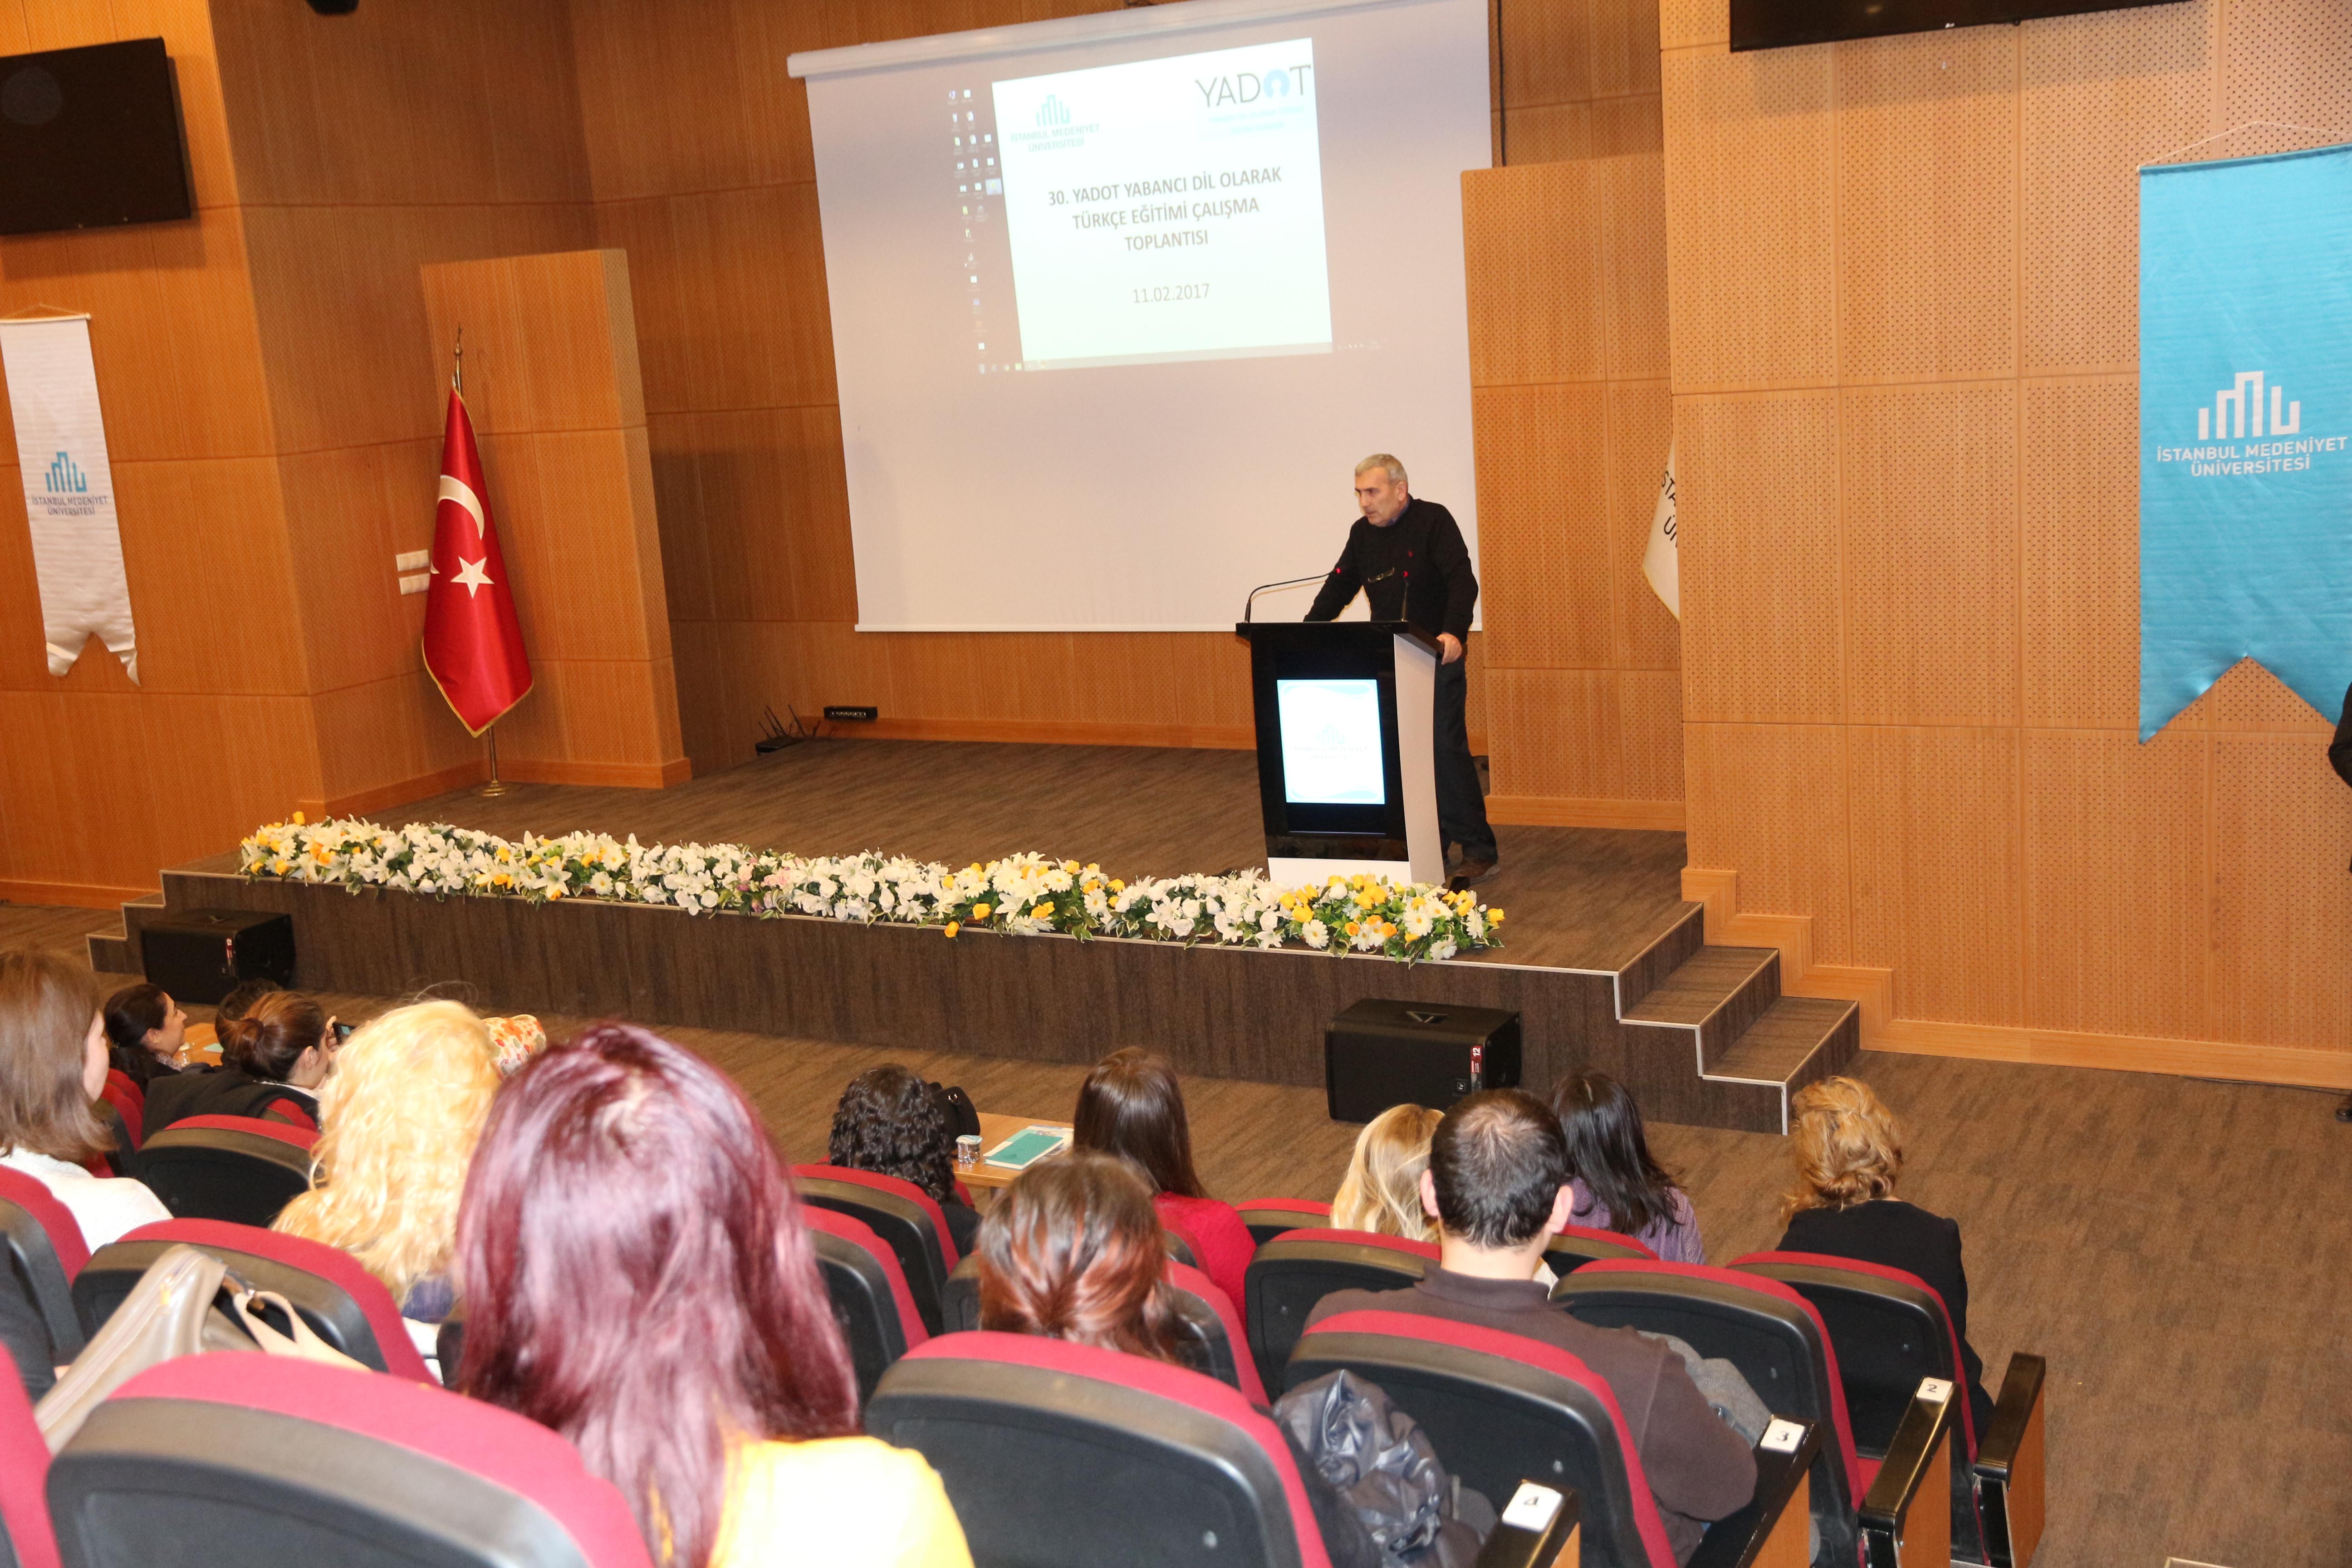 30. YADOT Çalışma Toplantısı 11 Şubatta İstanbul Medeniyet Üniversitesinde gerçekleştirildi.  - Haberler - YADOT | Yabancı Dil Olarak Türkçe Eğitim Derneği